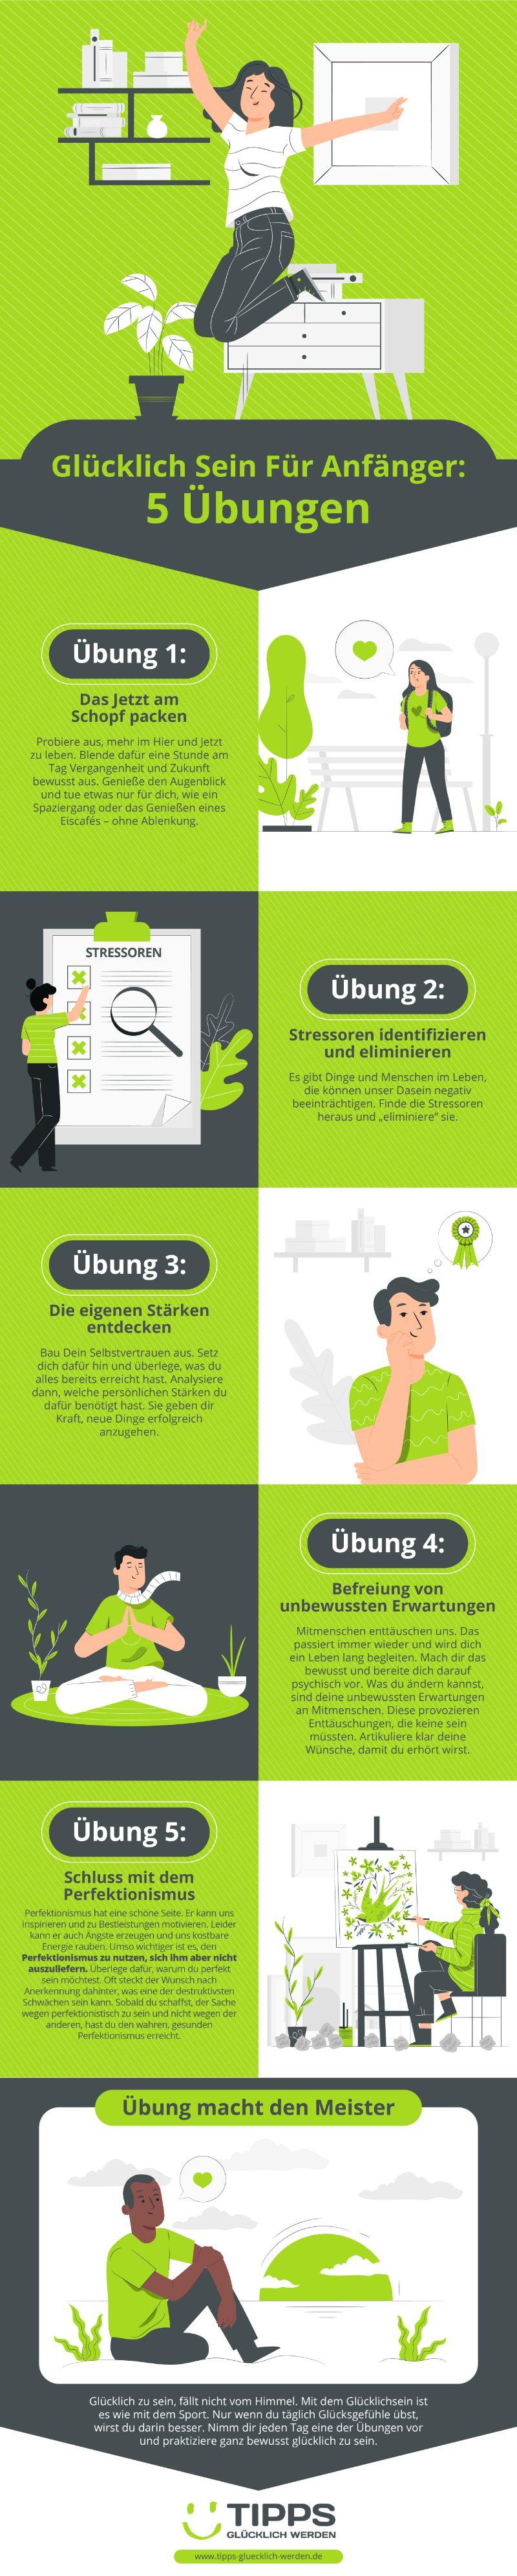 Infografik Glücklich Sein Für Anfänger: 5 Übungen